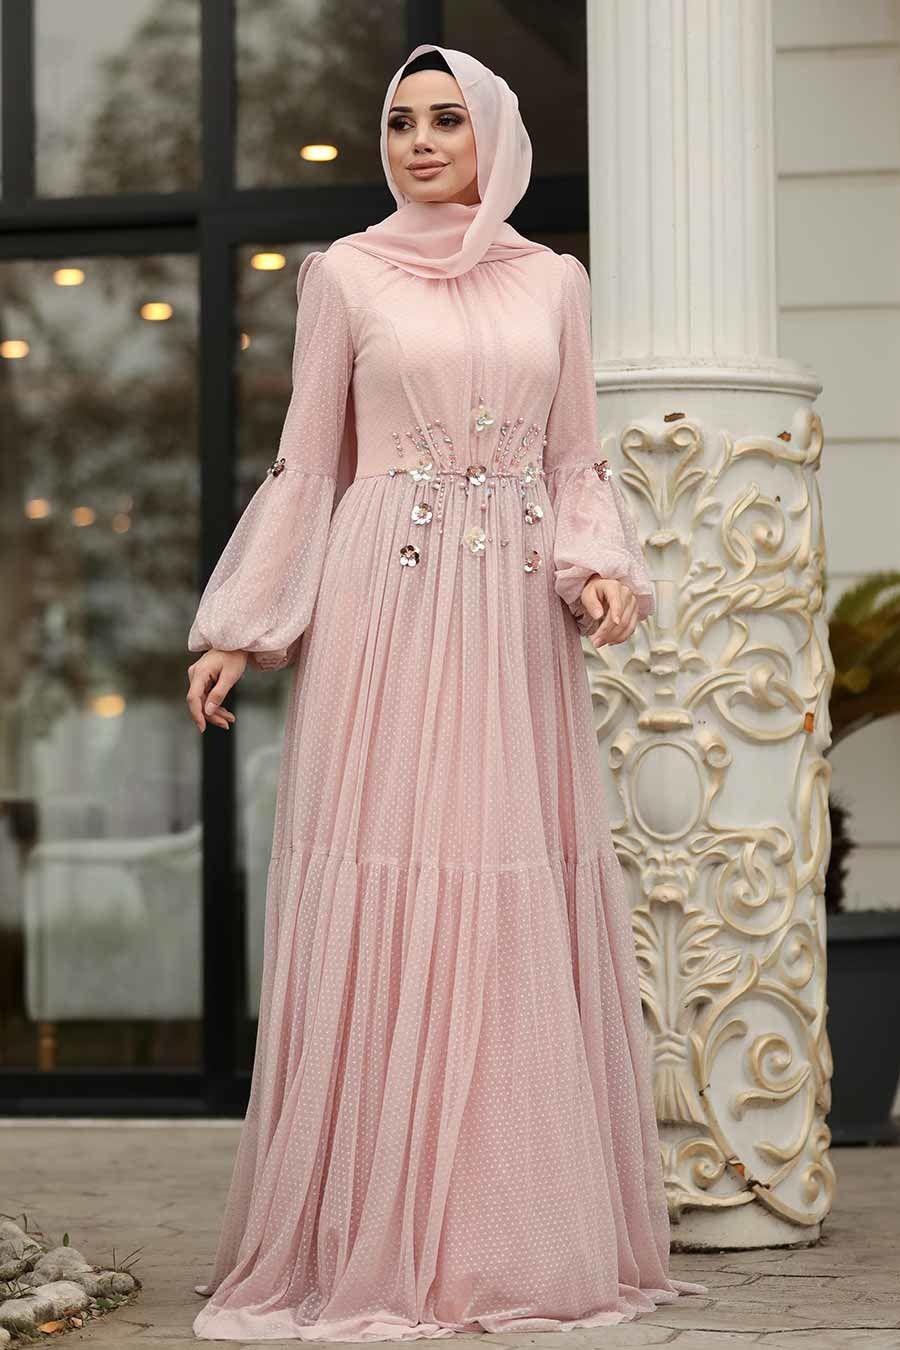 Tesetturlu Abiye Elbise Balon Kollu Pudra Tesettur Abiye Elbise 38940pd Tesetturisland Com Aksamustu Giysileri The Dress Elbise